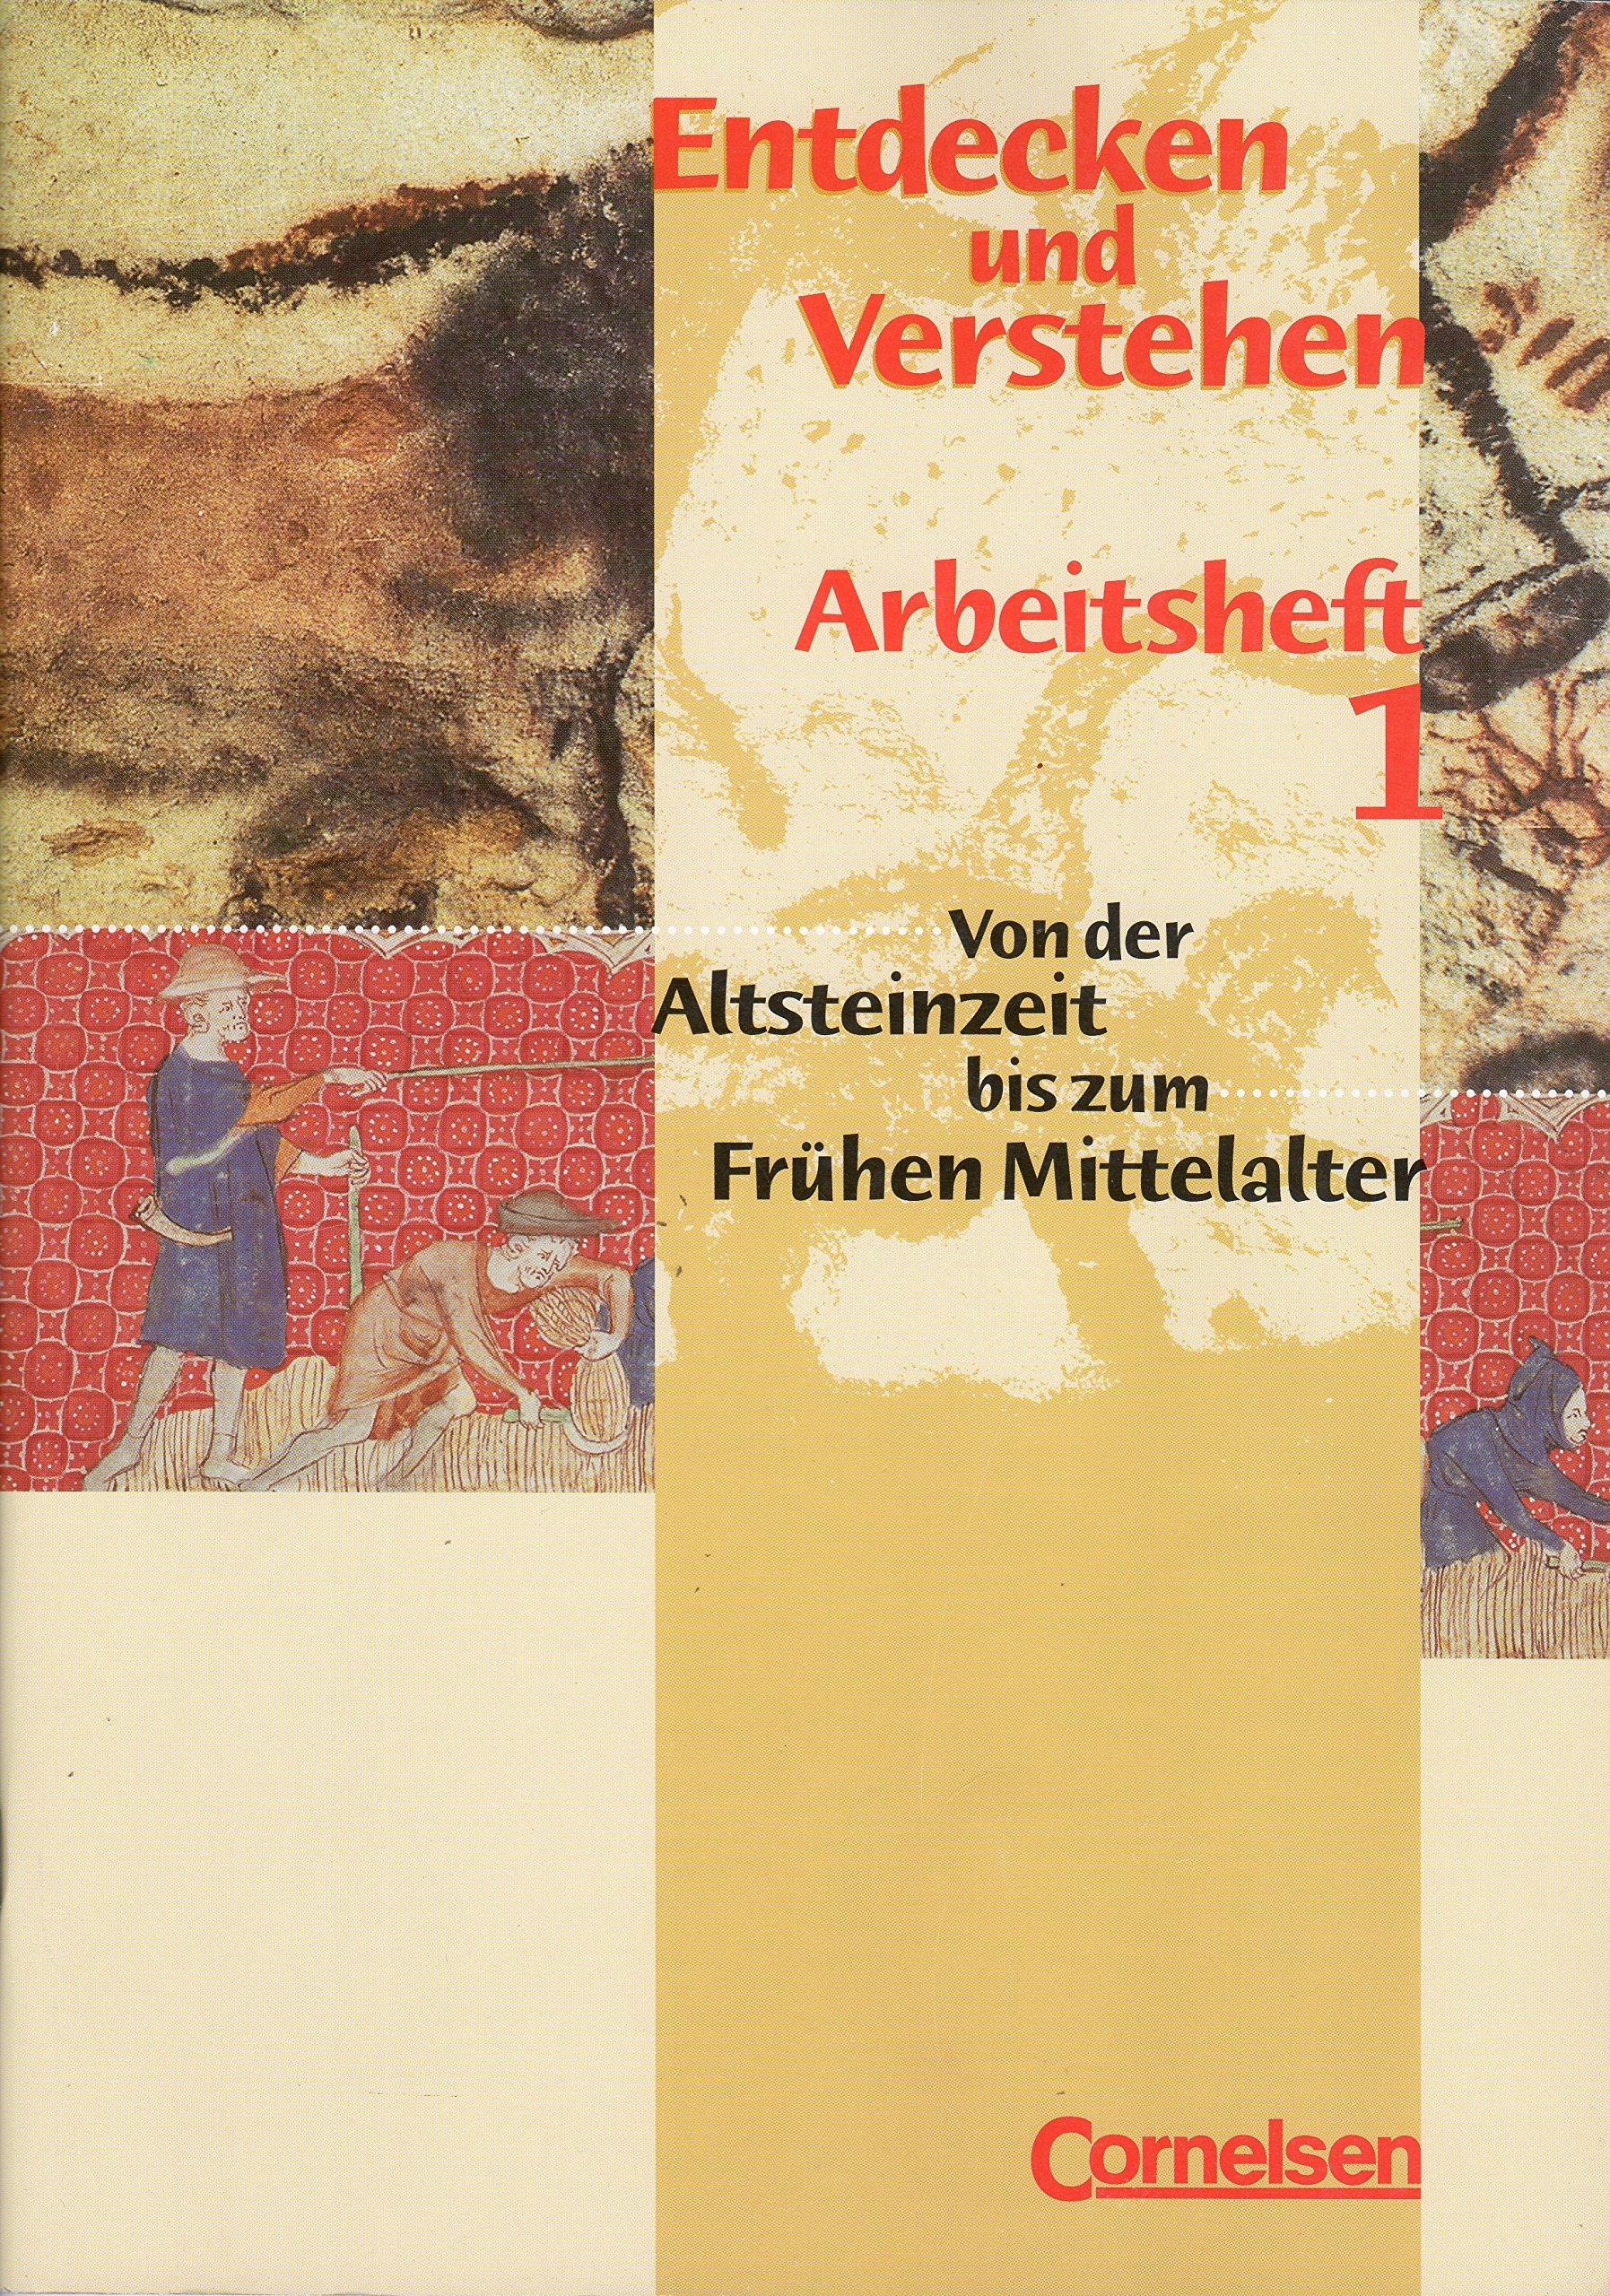 Entdecken und Verstehen - Arbeitshefte - Allgemeine bisherige Ausgabe: Entdecken und Verstehen - Arbeitsheft 1 - Von der Altsteinzeit bis zum Frühen Mittelalter